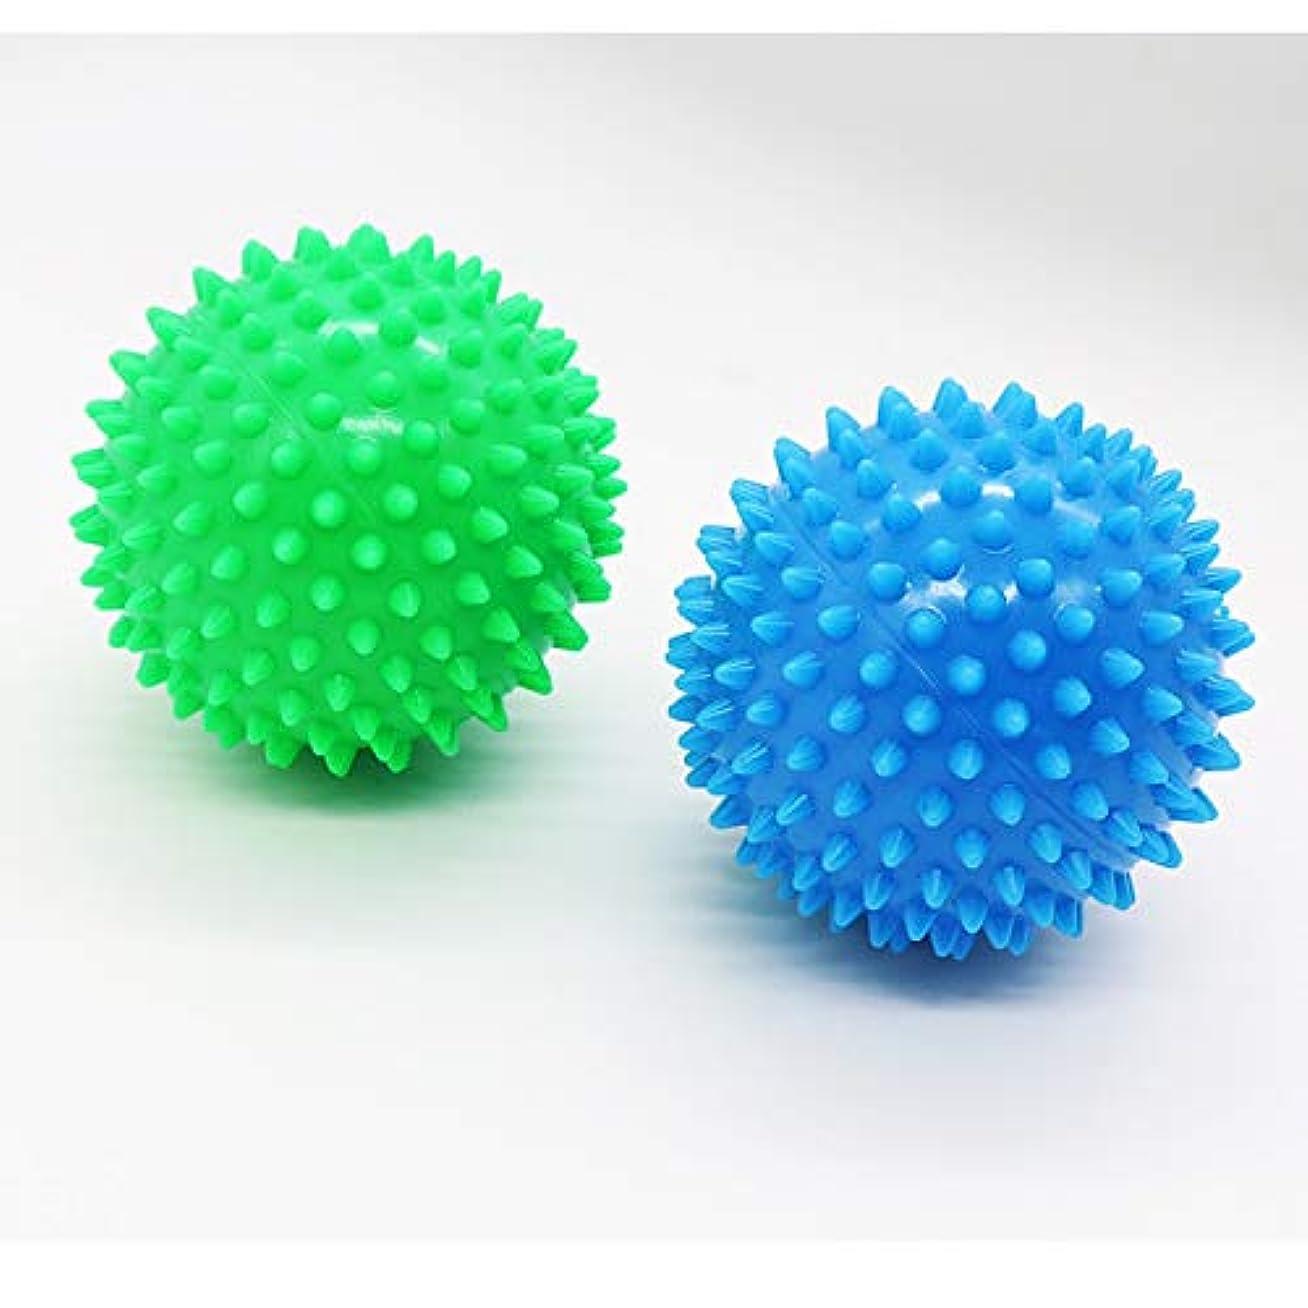 吹きさらし半導体バルーンDreecy マッサージボール(2個セット)触覚ボール リフレックスボール トレーニングボール  ポイントマッサージ 筋筋膜リリース 筋肉緊張和らげ 血液循環促進 9cm(青+緑)